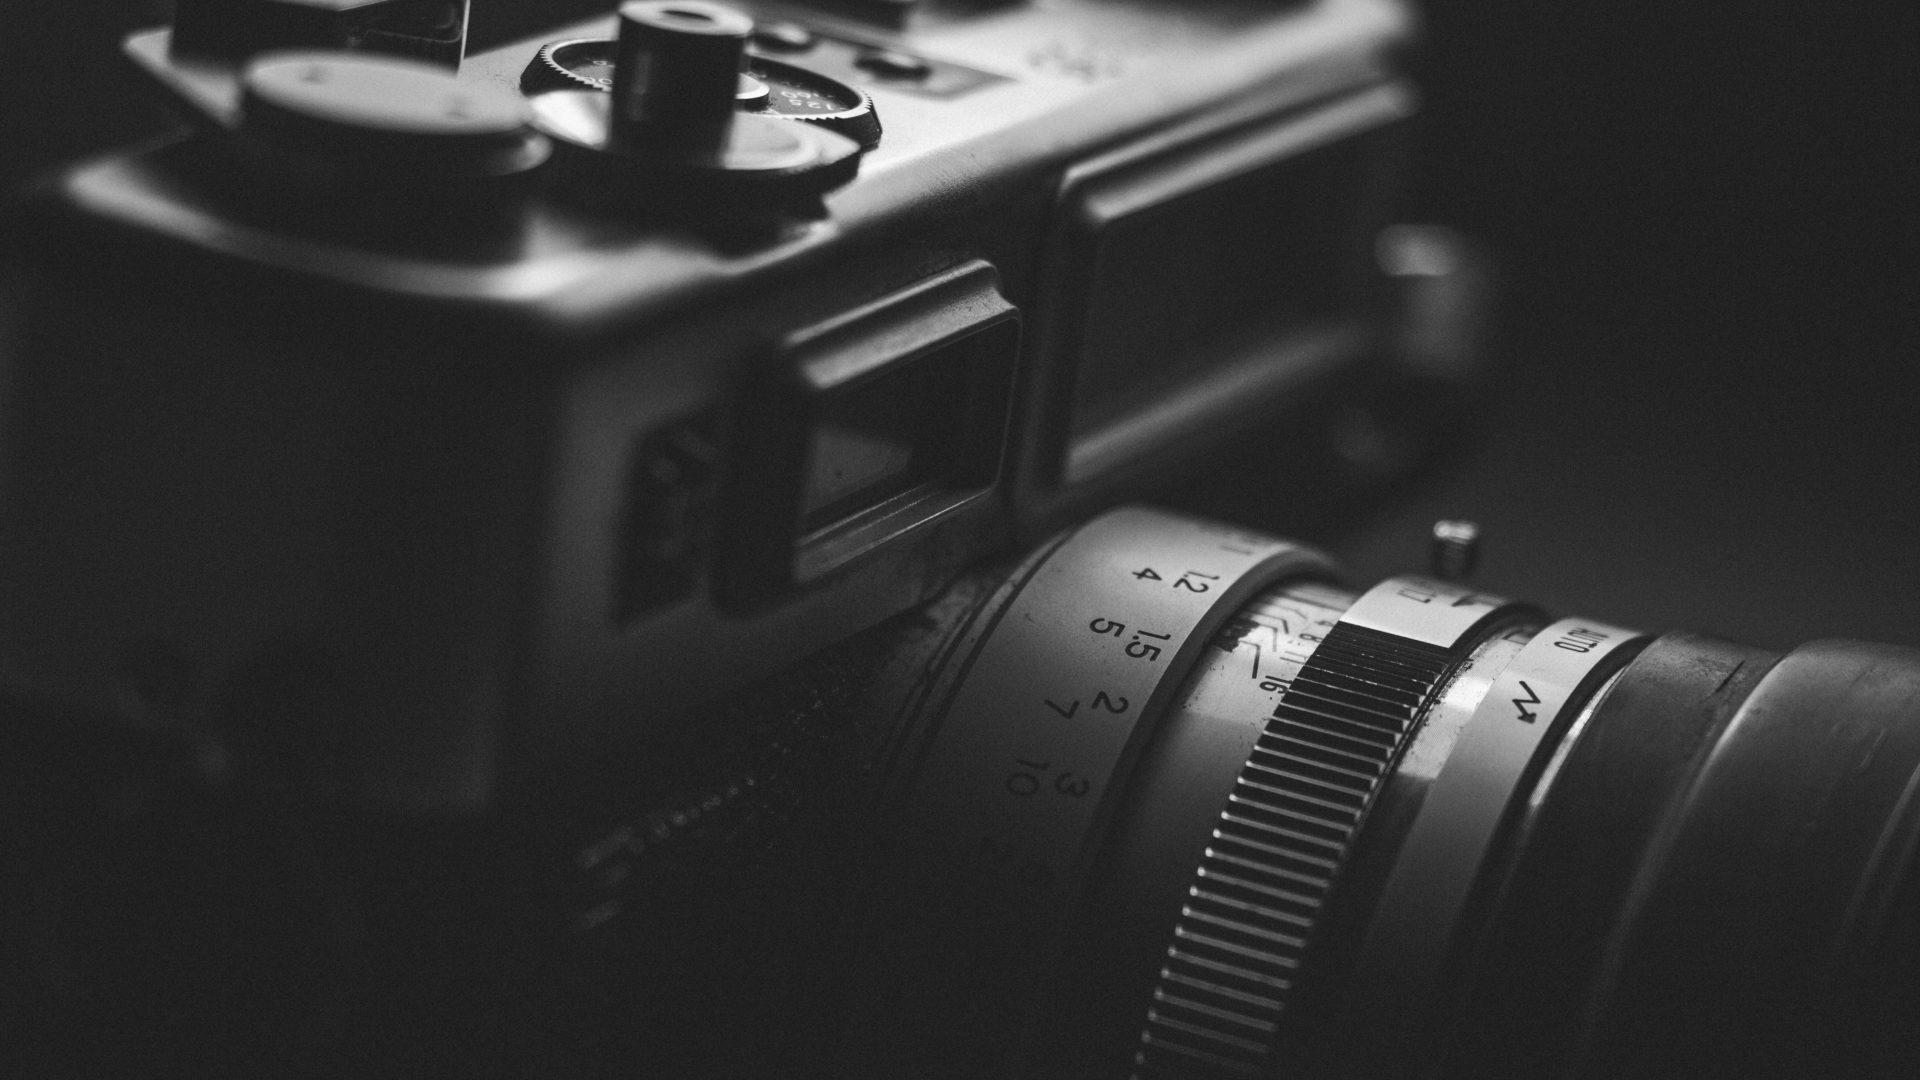 Four Ways to Describe a Photograph